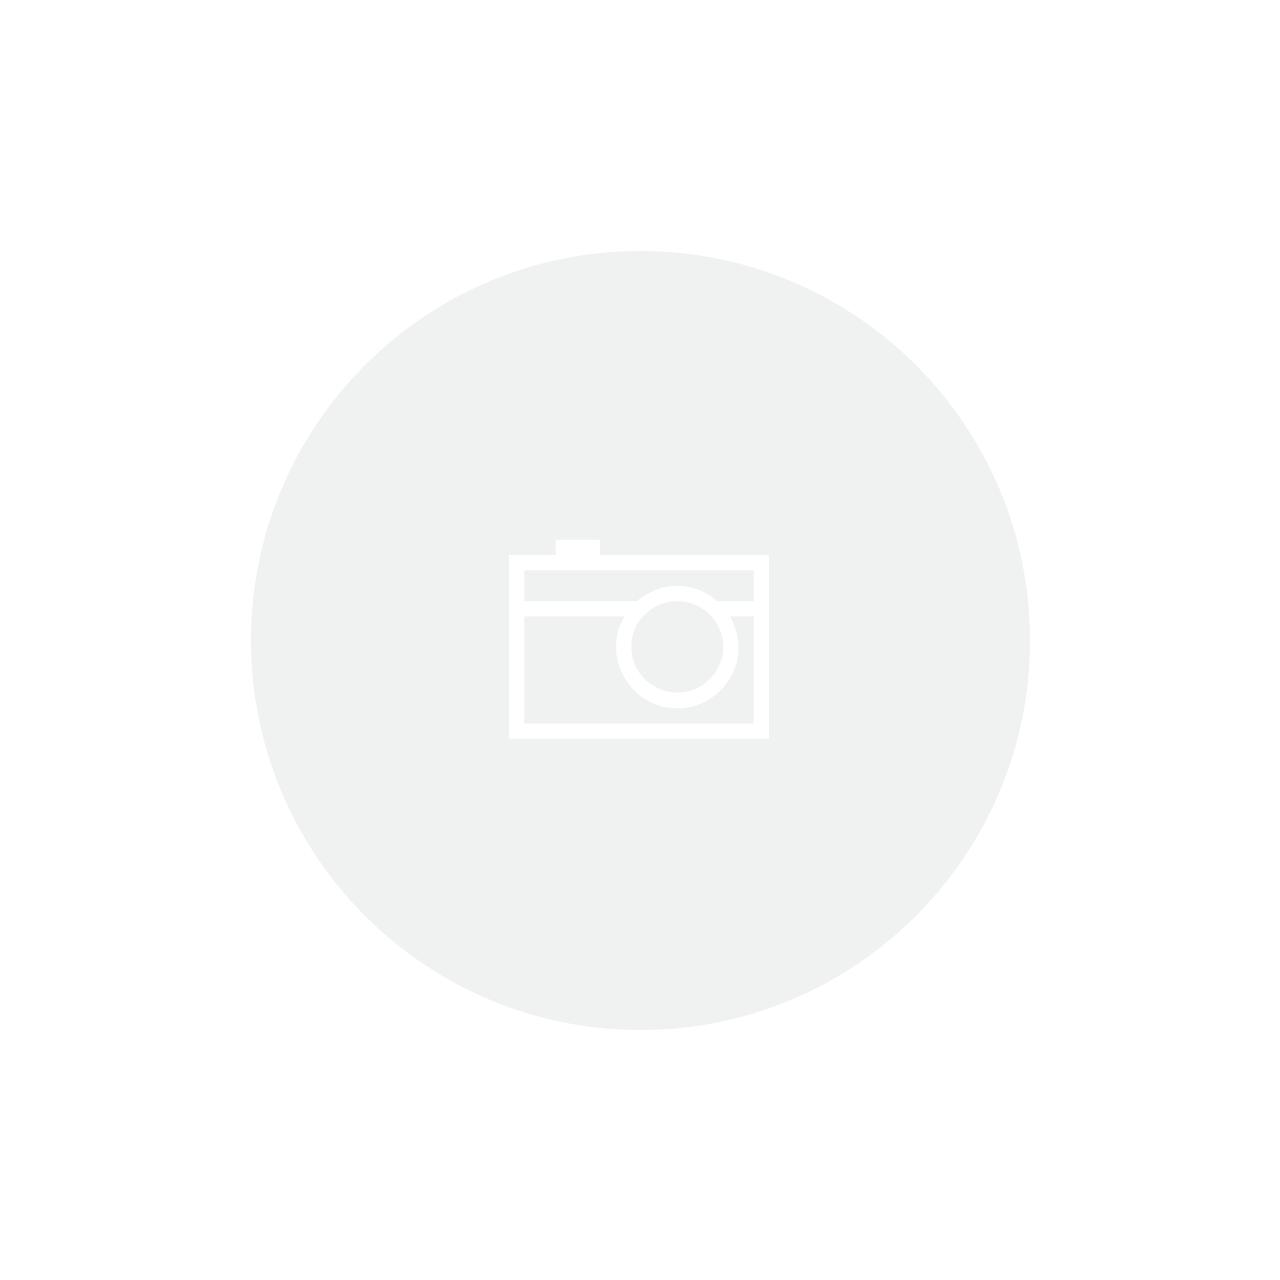 Ref 7427 - Sandália fofíssima com detalhe de lacinho bordado com pérolas